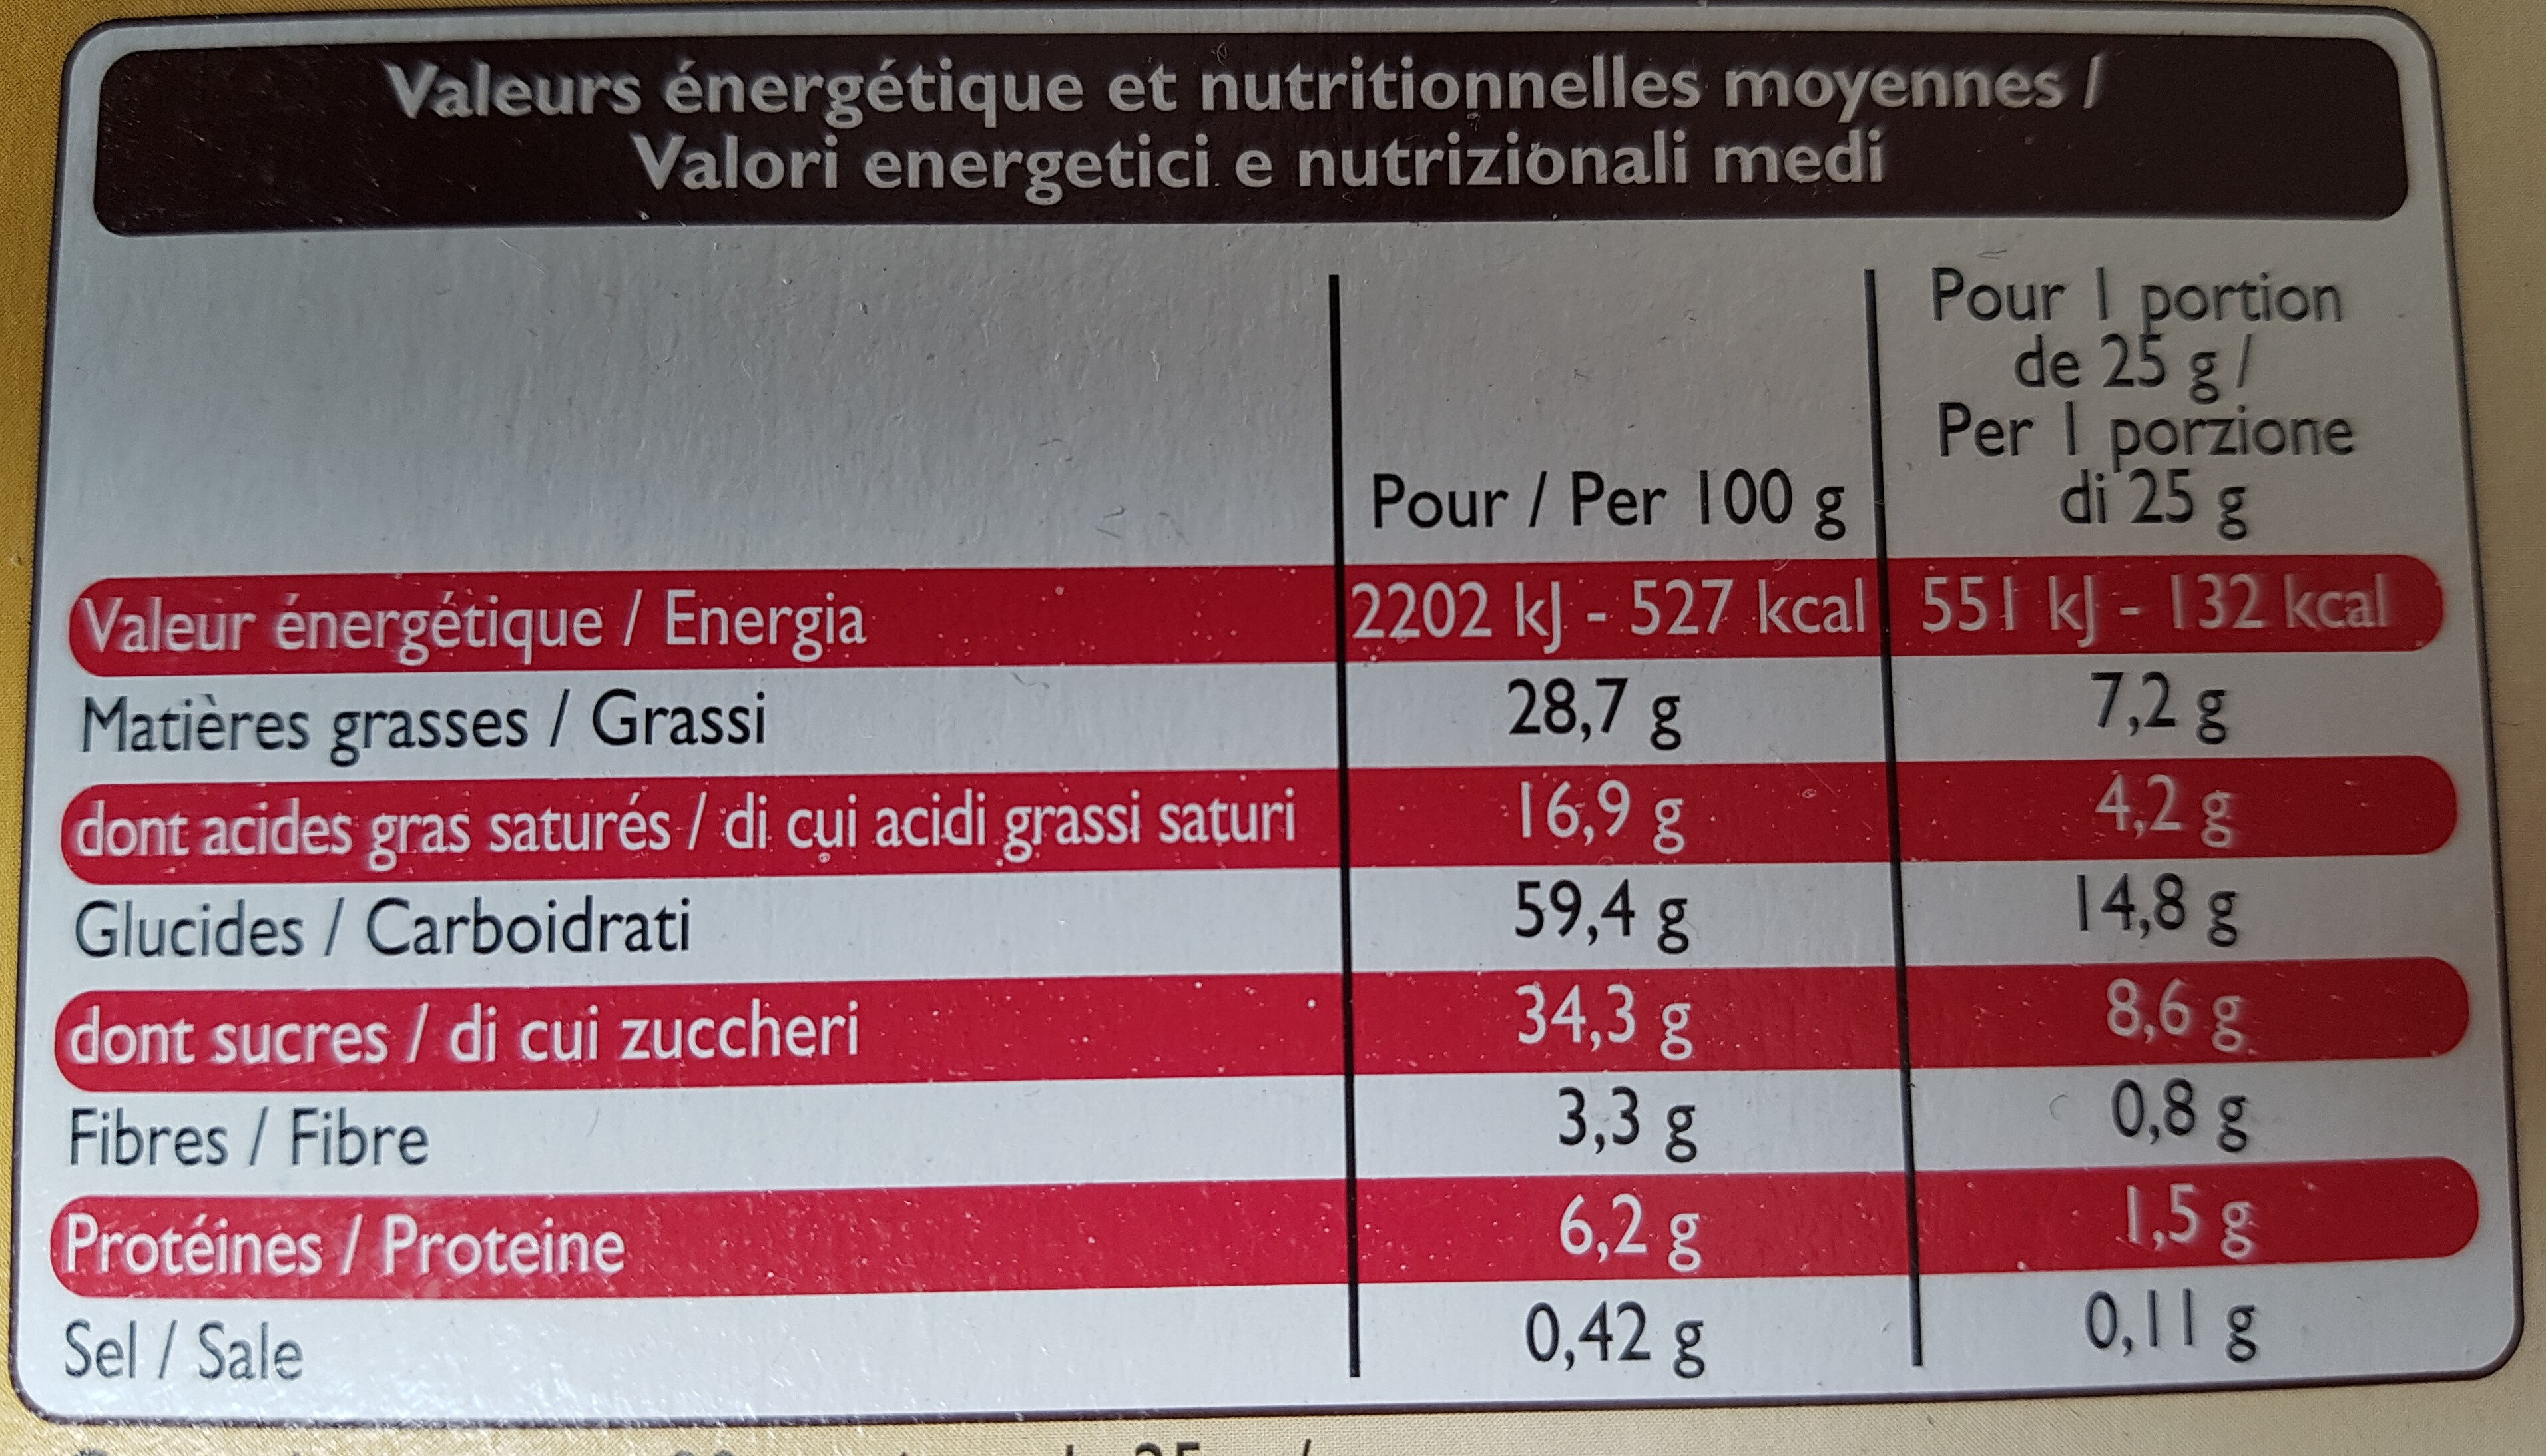 Assortiment de biscuits pâtissiers - Nutrition facts